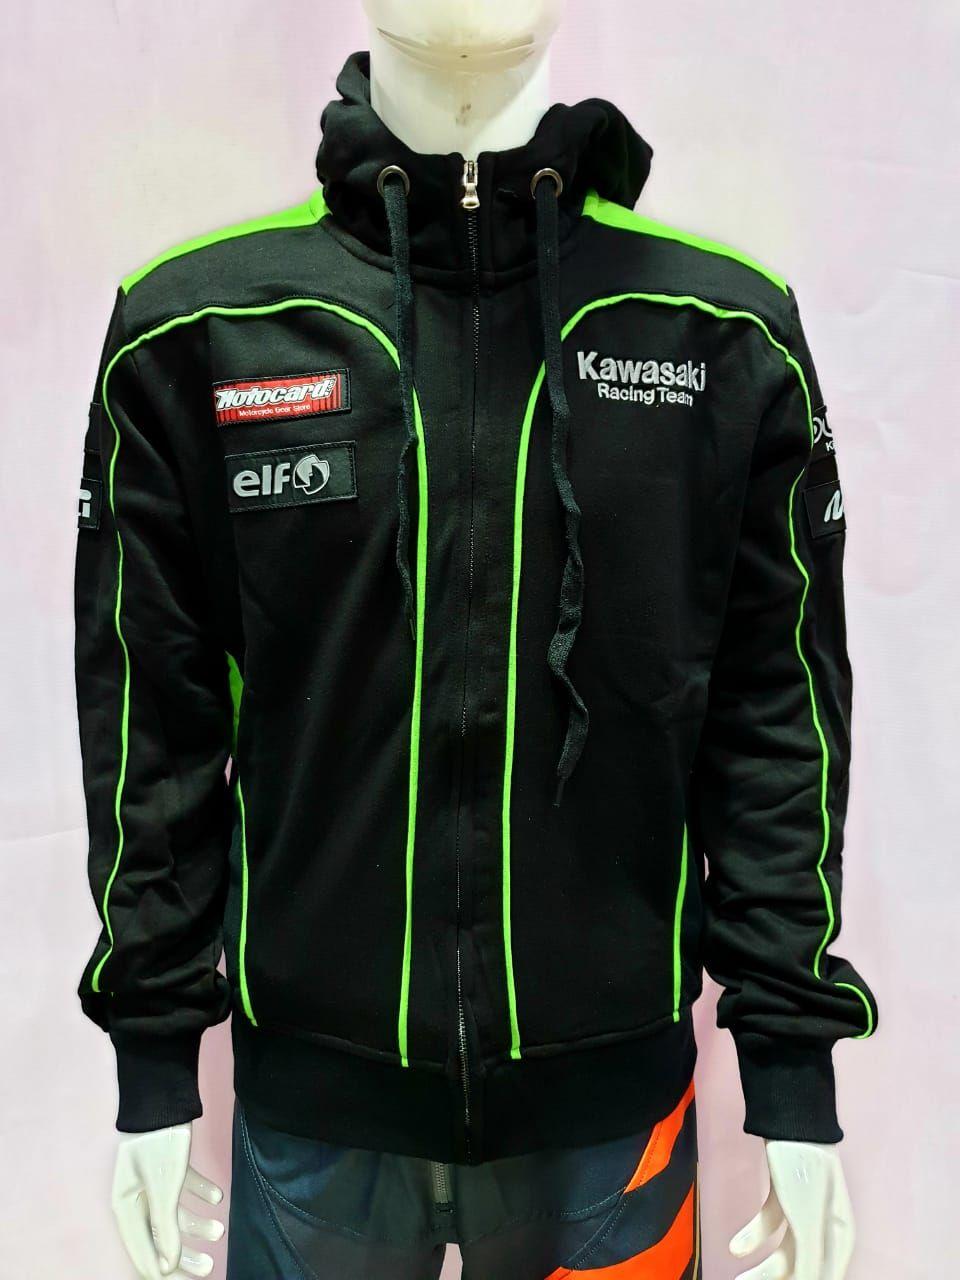 Kawasaki Racing Team Hoodies